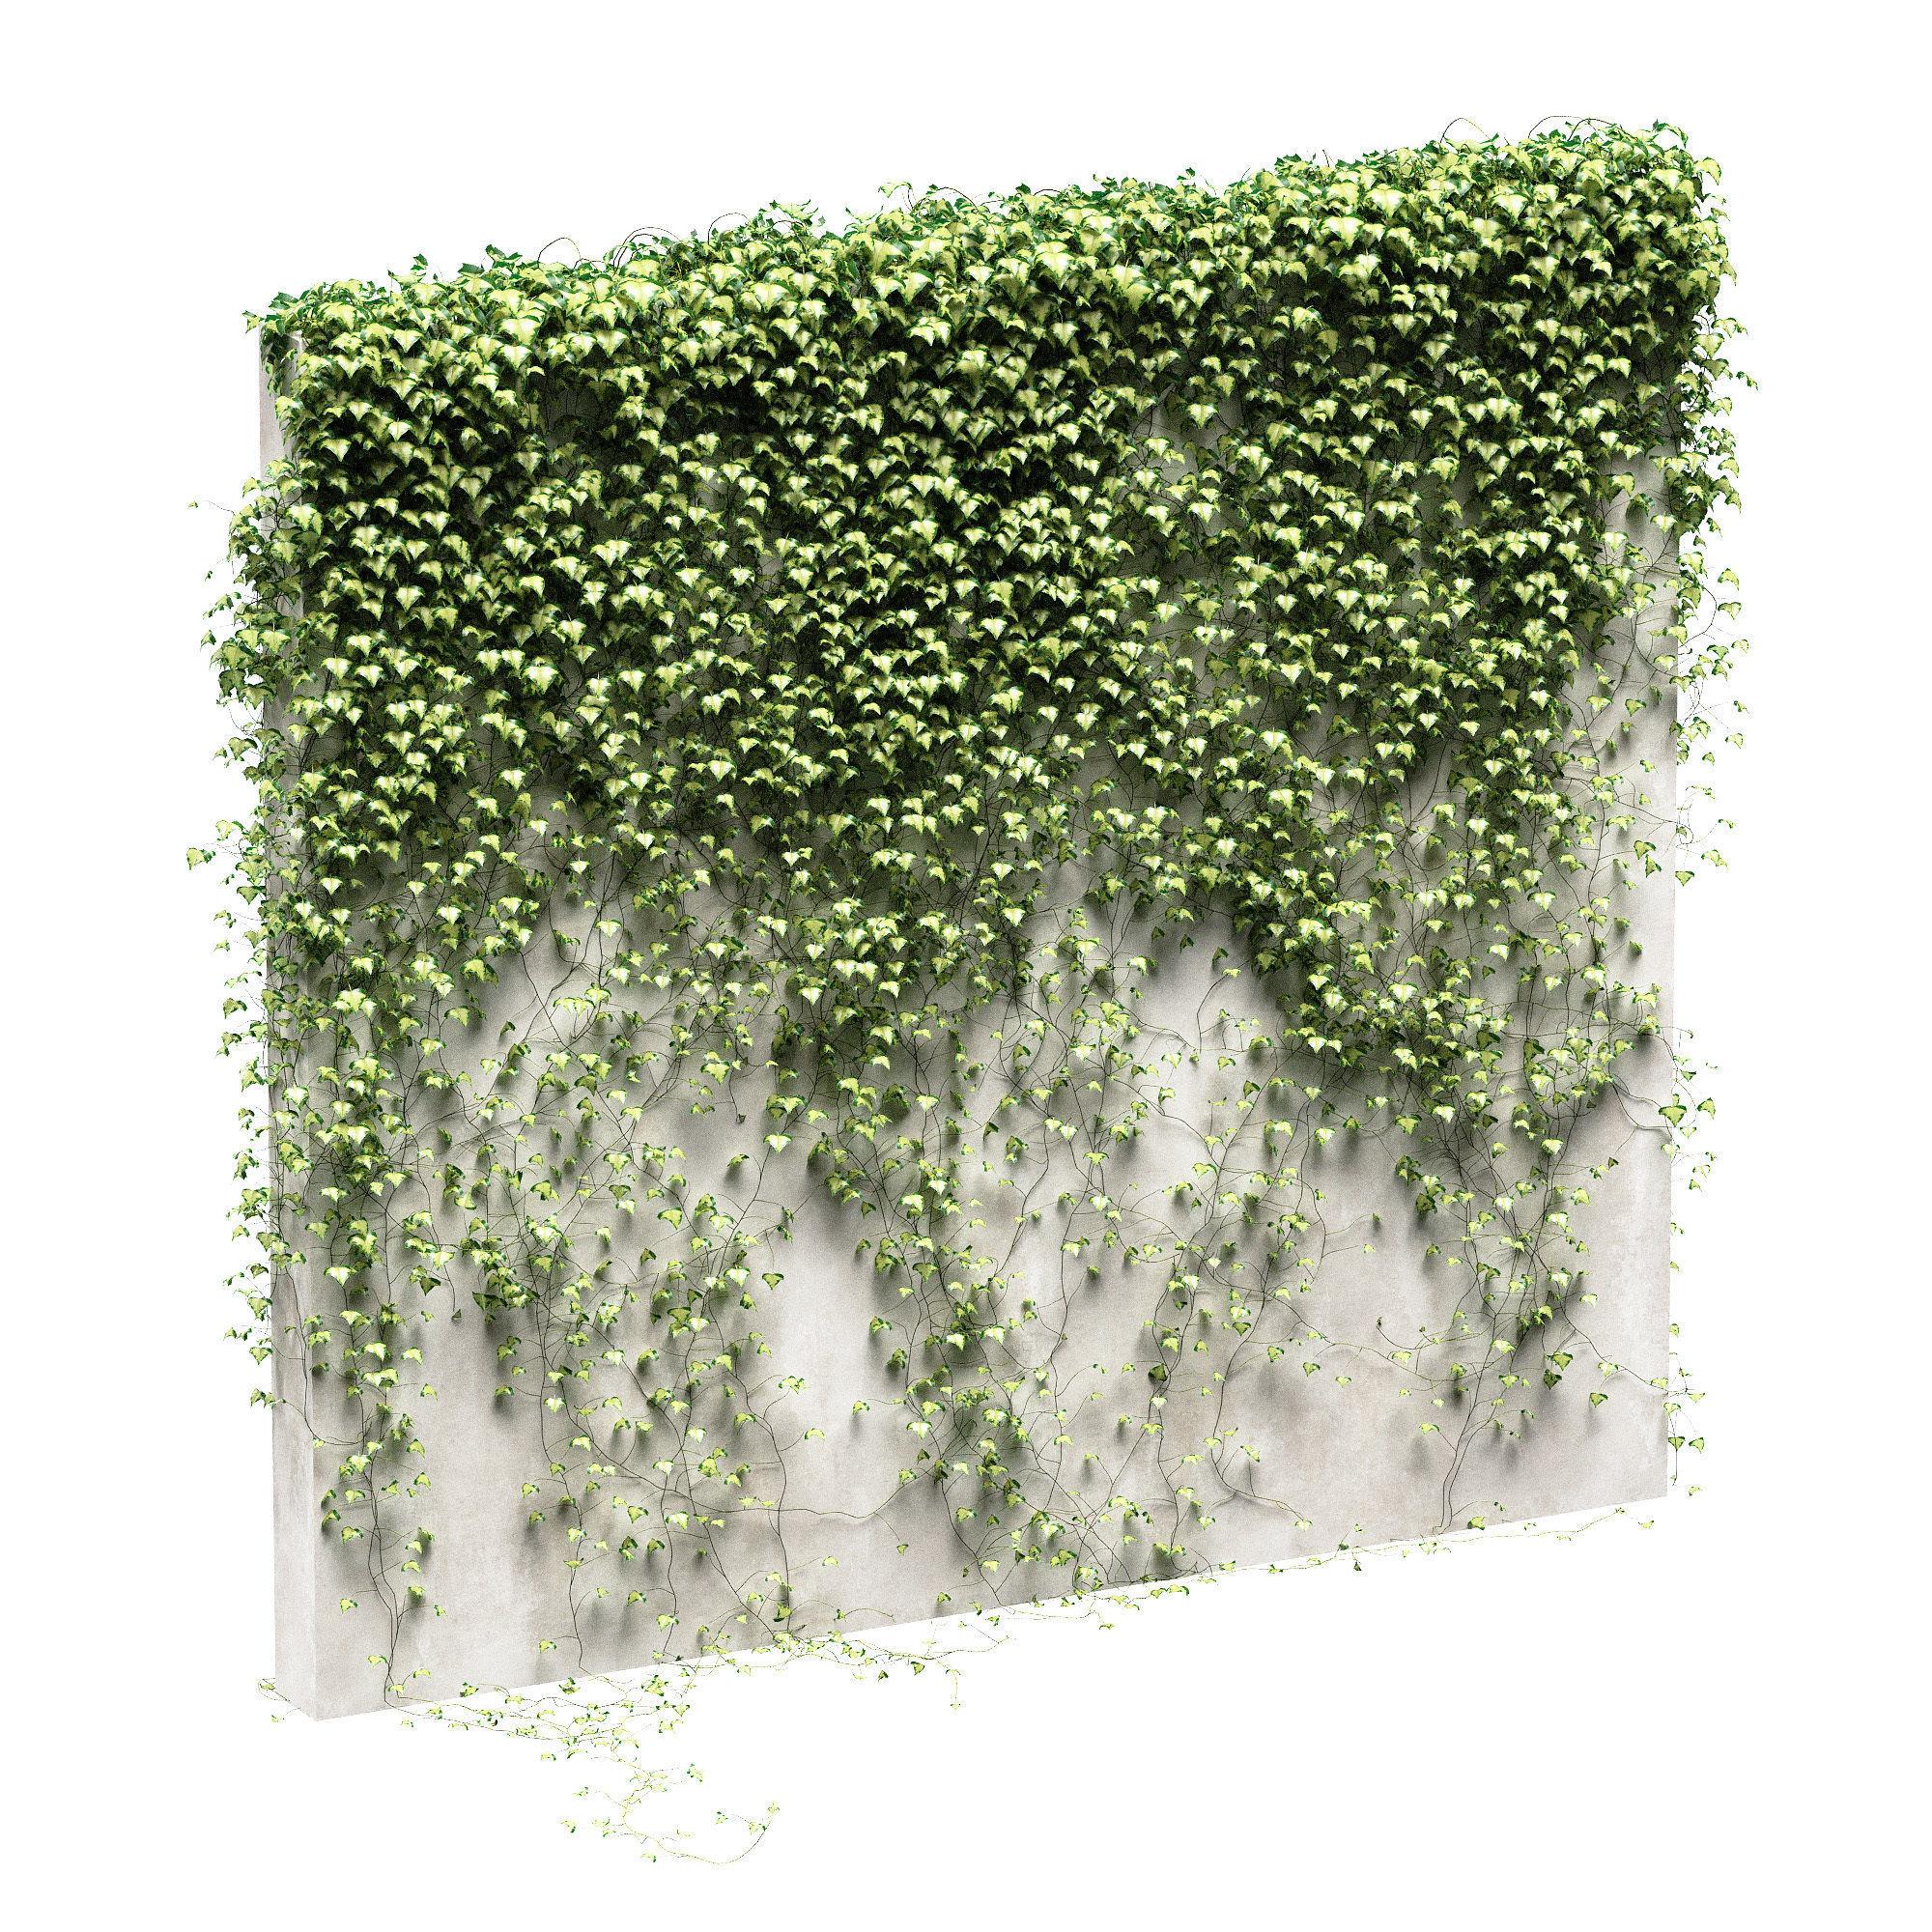 Ivy for fence v3